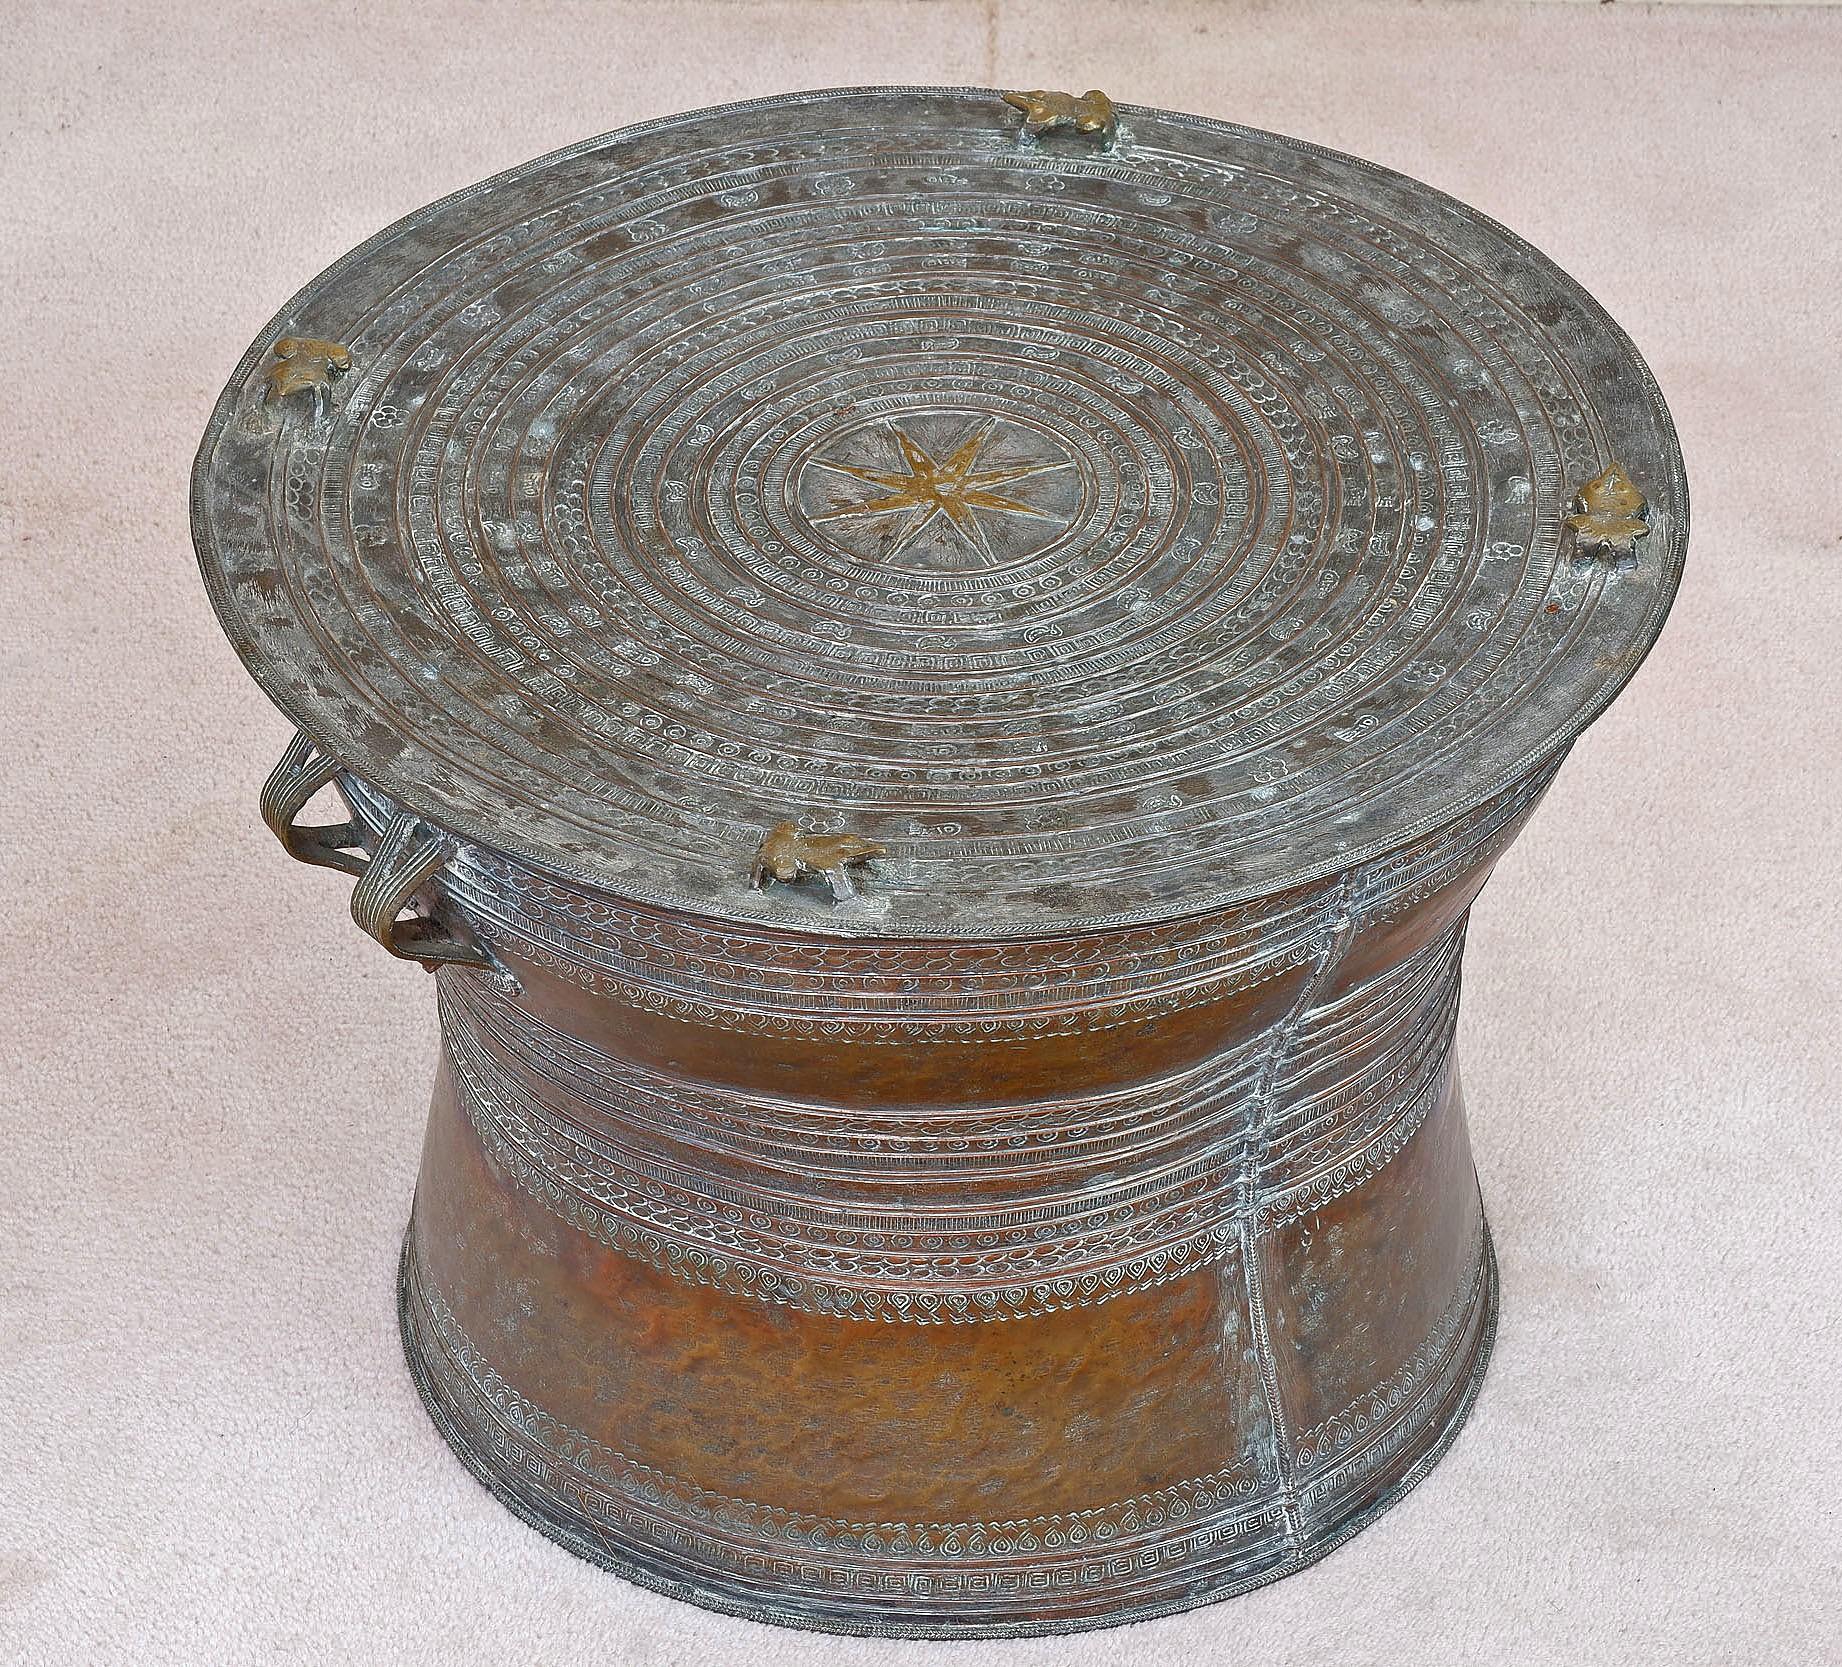 'Shan States Tinned Bronze Rain Drum 20th Century'